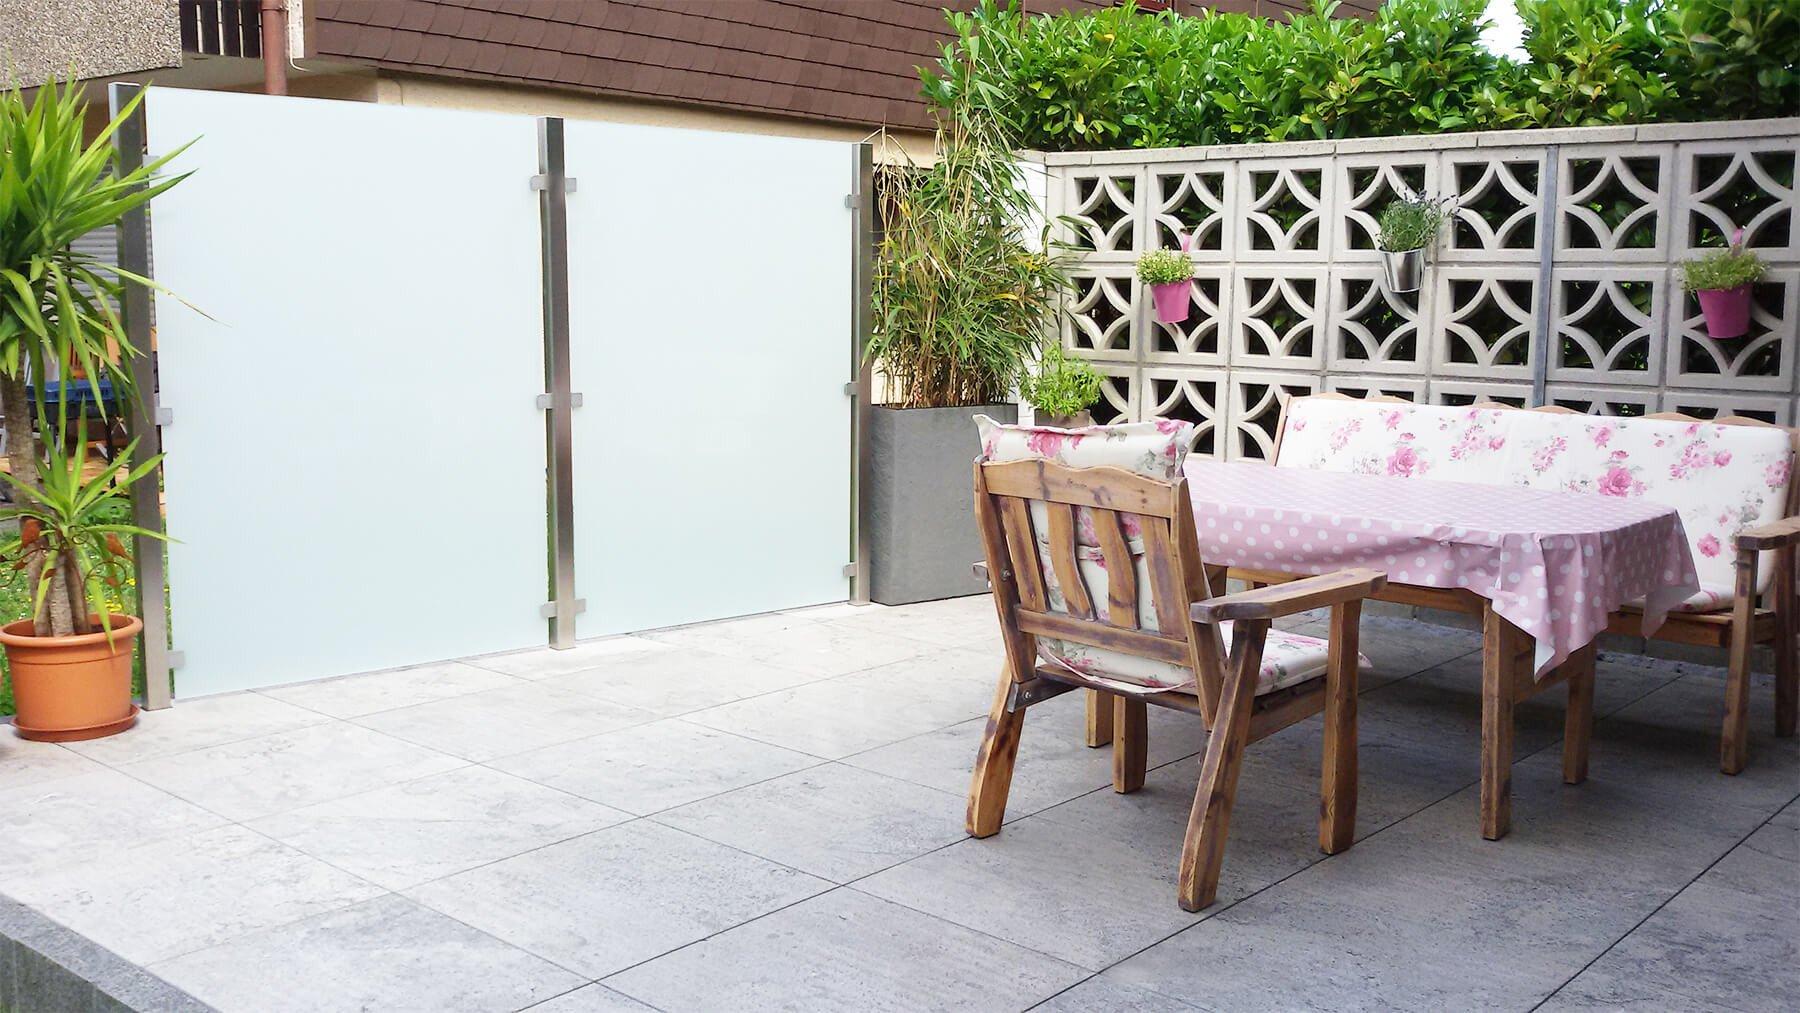 Moderner eleganter blickdichter Glaszaun für Garten und Terrasse